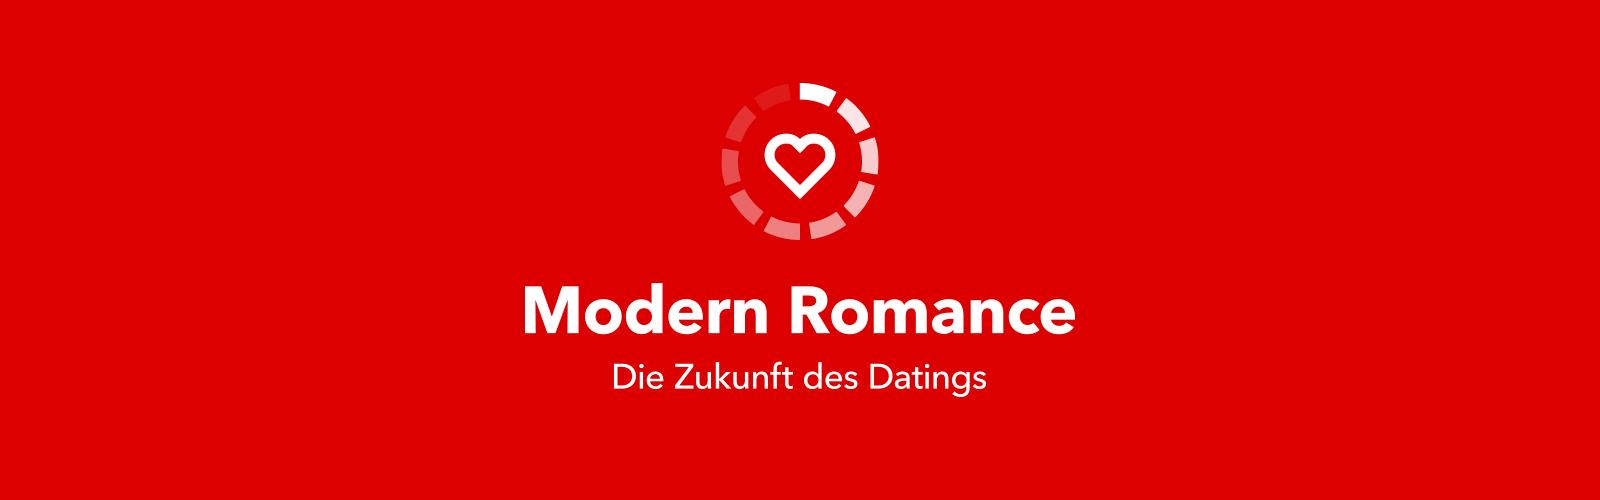 Ideenwettbewerb ModernRomance